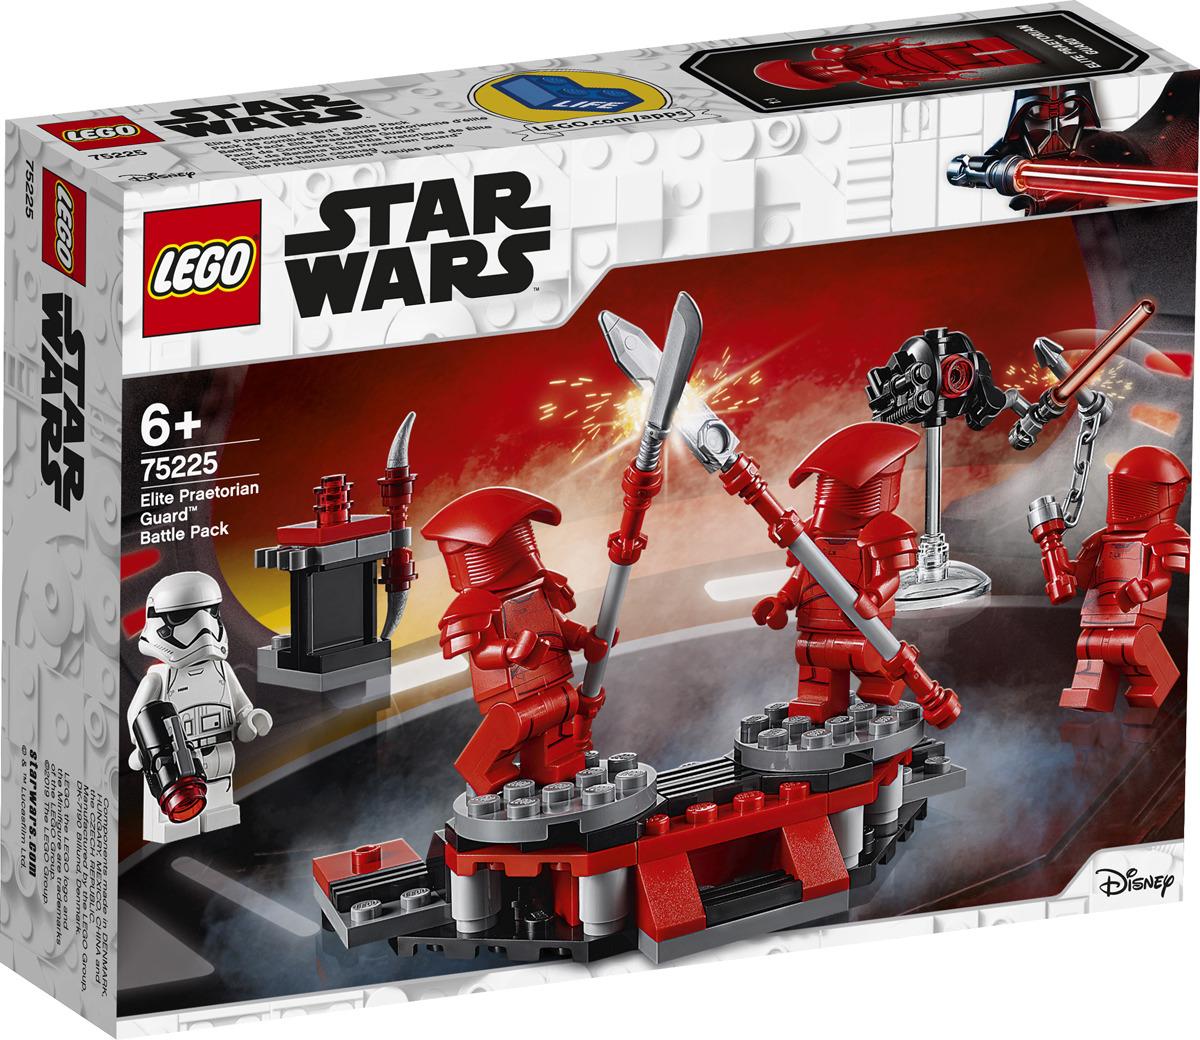 LEGO Star Wars 75225 Боевой набор Элитной преторианской гвардии Конструктор